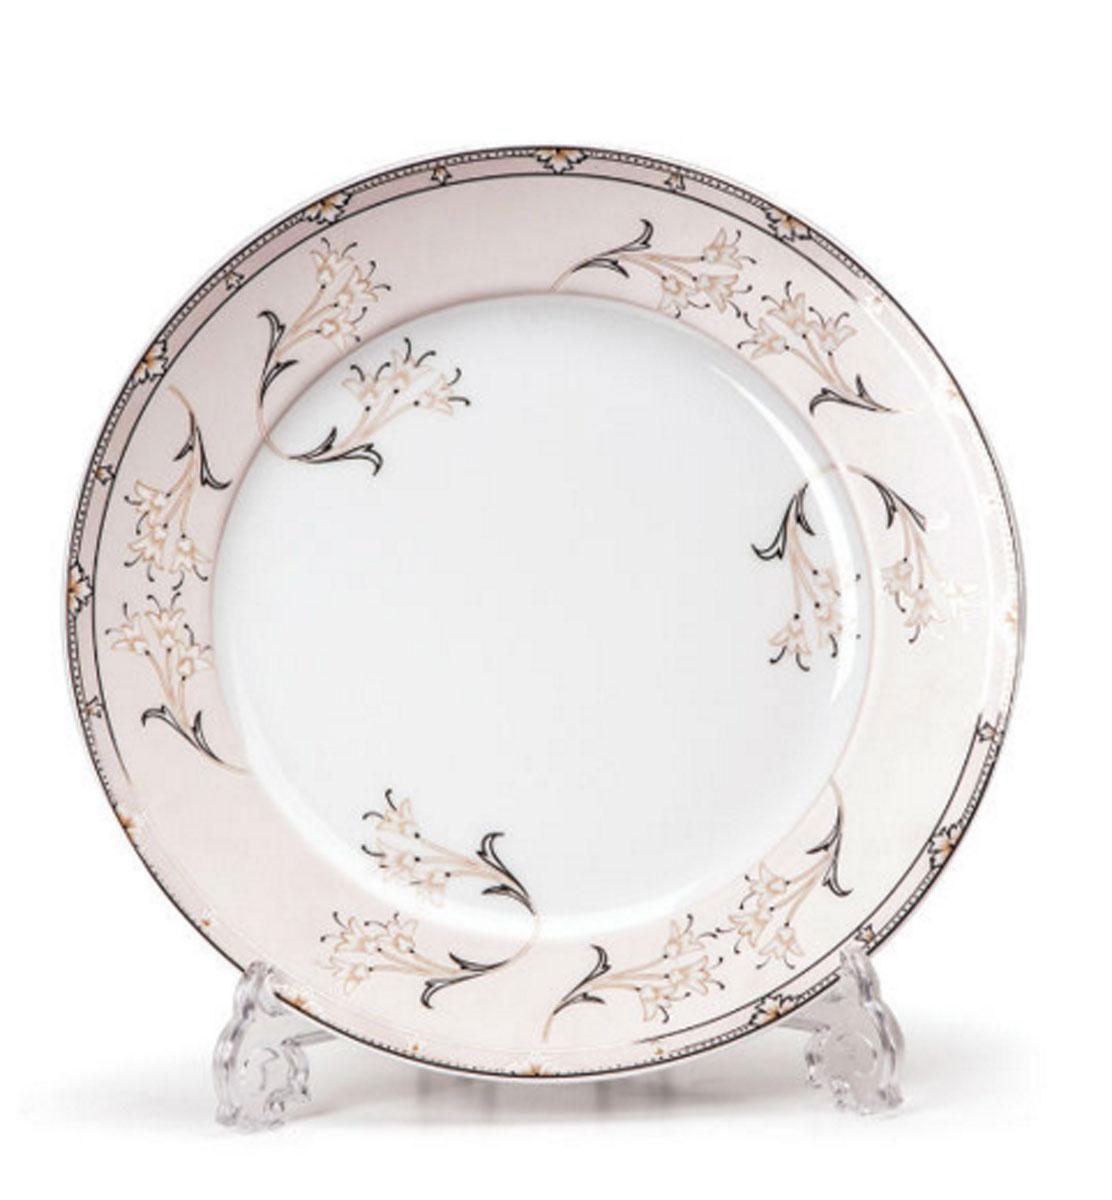 Набор десертных тарелок La Rose des Sables Isis, диаметр 19 см, 6 шт539114 1558Набор La Rose des Sables Isis состоит из шести десертных тарелок, выполненных из высококачественного фарфора. Изделия декорированы оригинальным принтом. Тарелки имеют круглую форму. Такой набор изящно украсит сервировку стола и порадует вас изящным дизайном. Диаметр (по верхнему краю): 19 см.